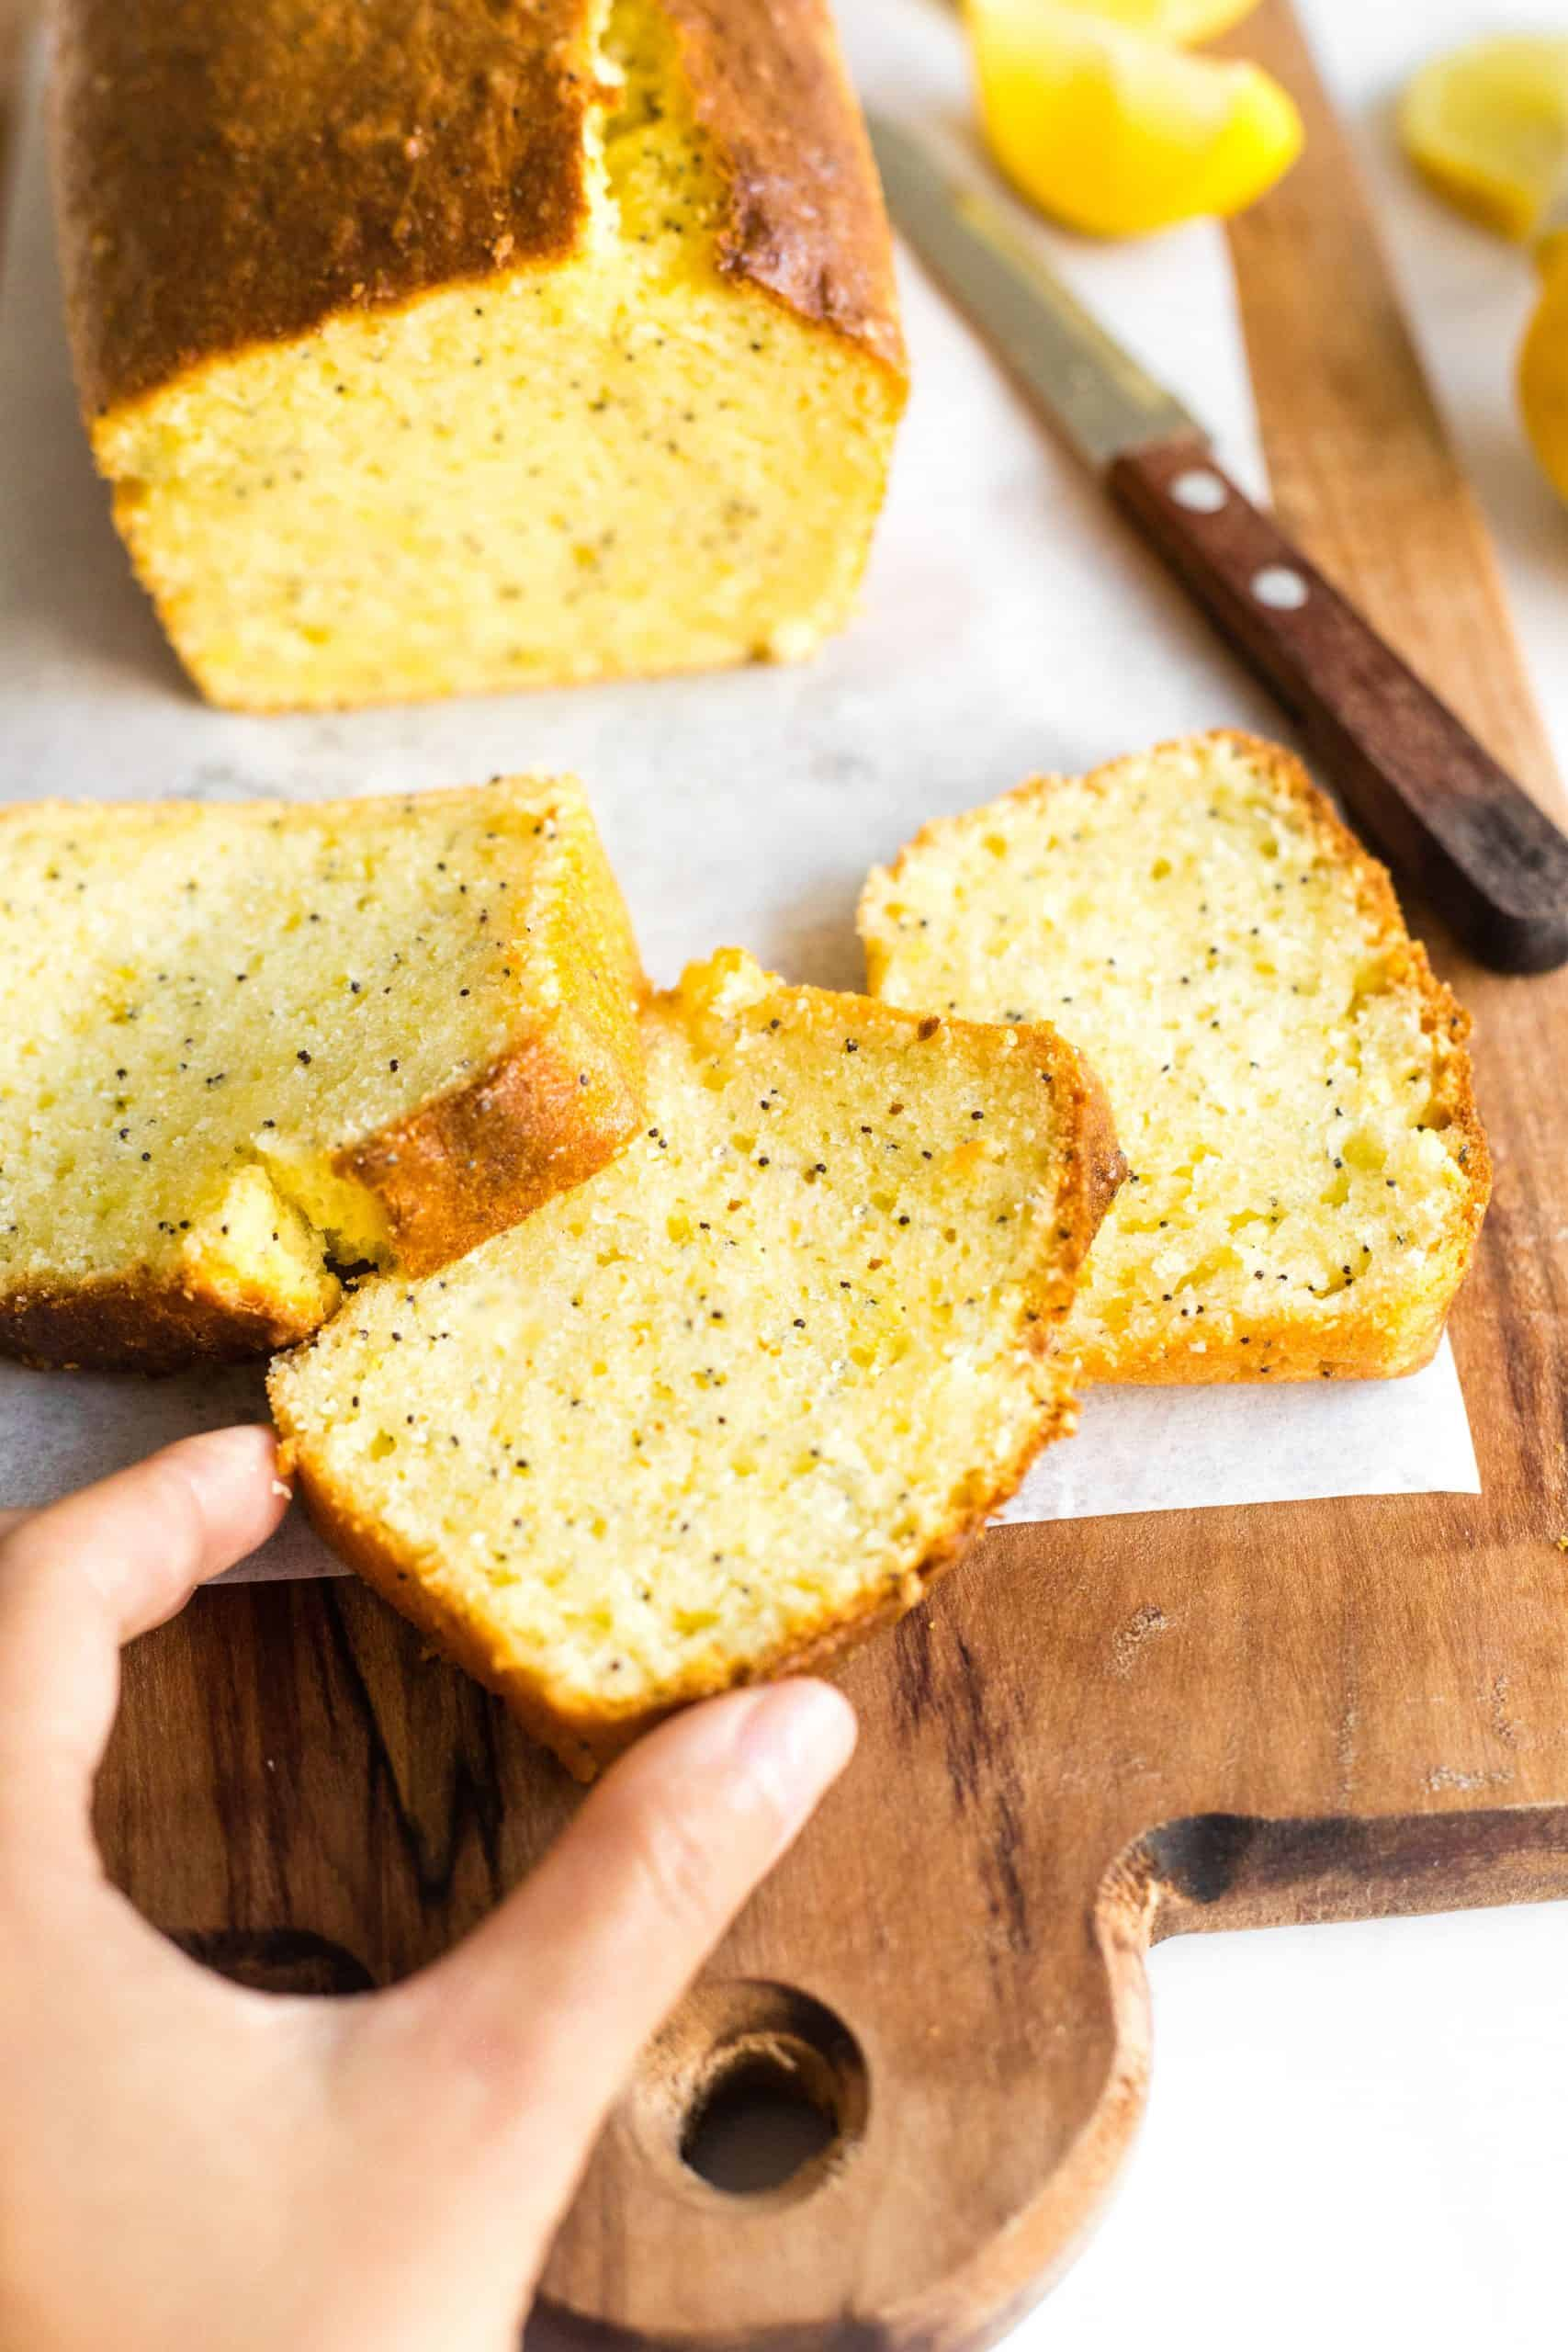 Hand reaching for a slice of gluten-free lemon poppy seed cake.